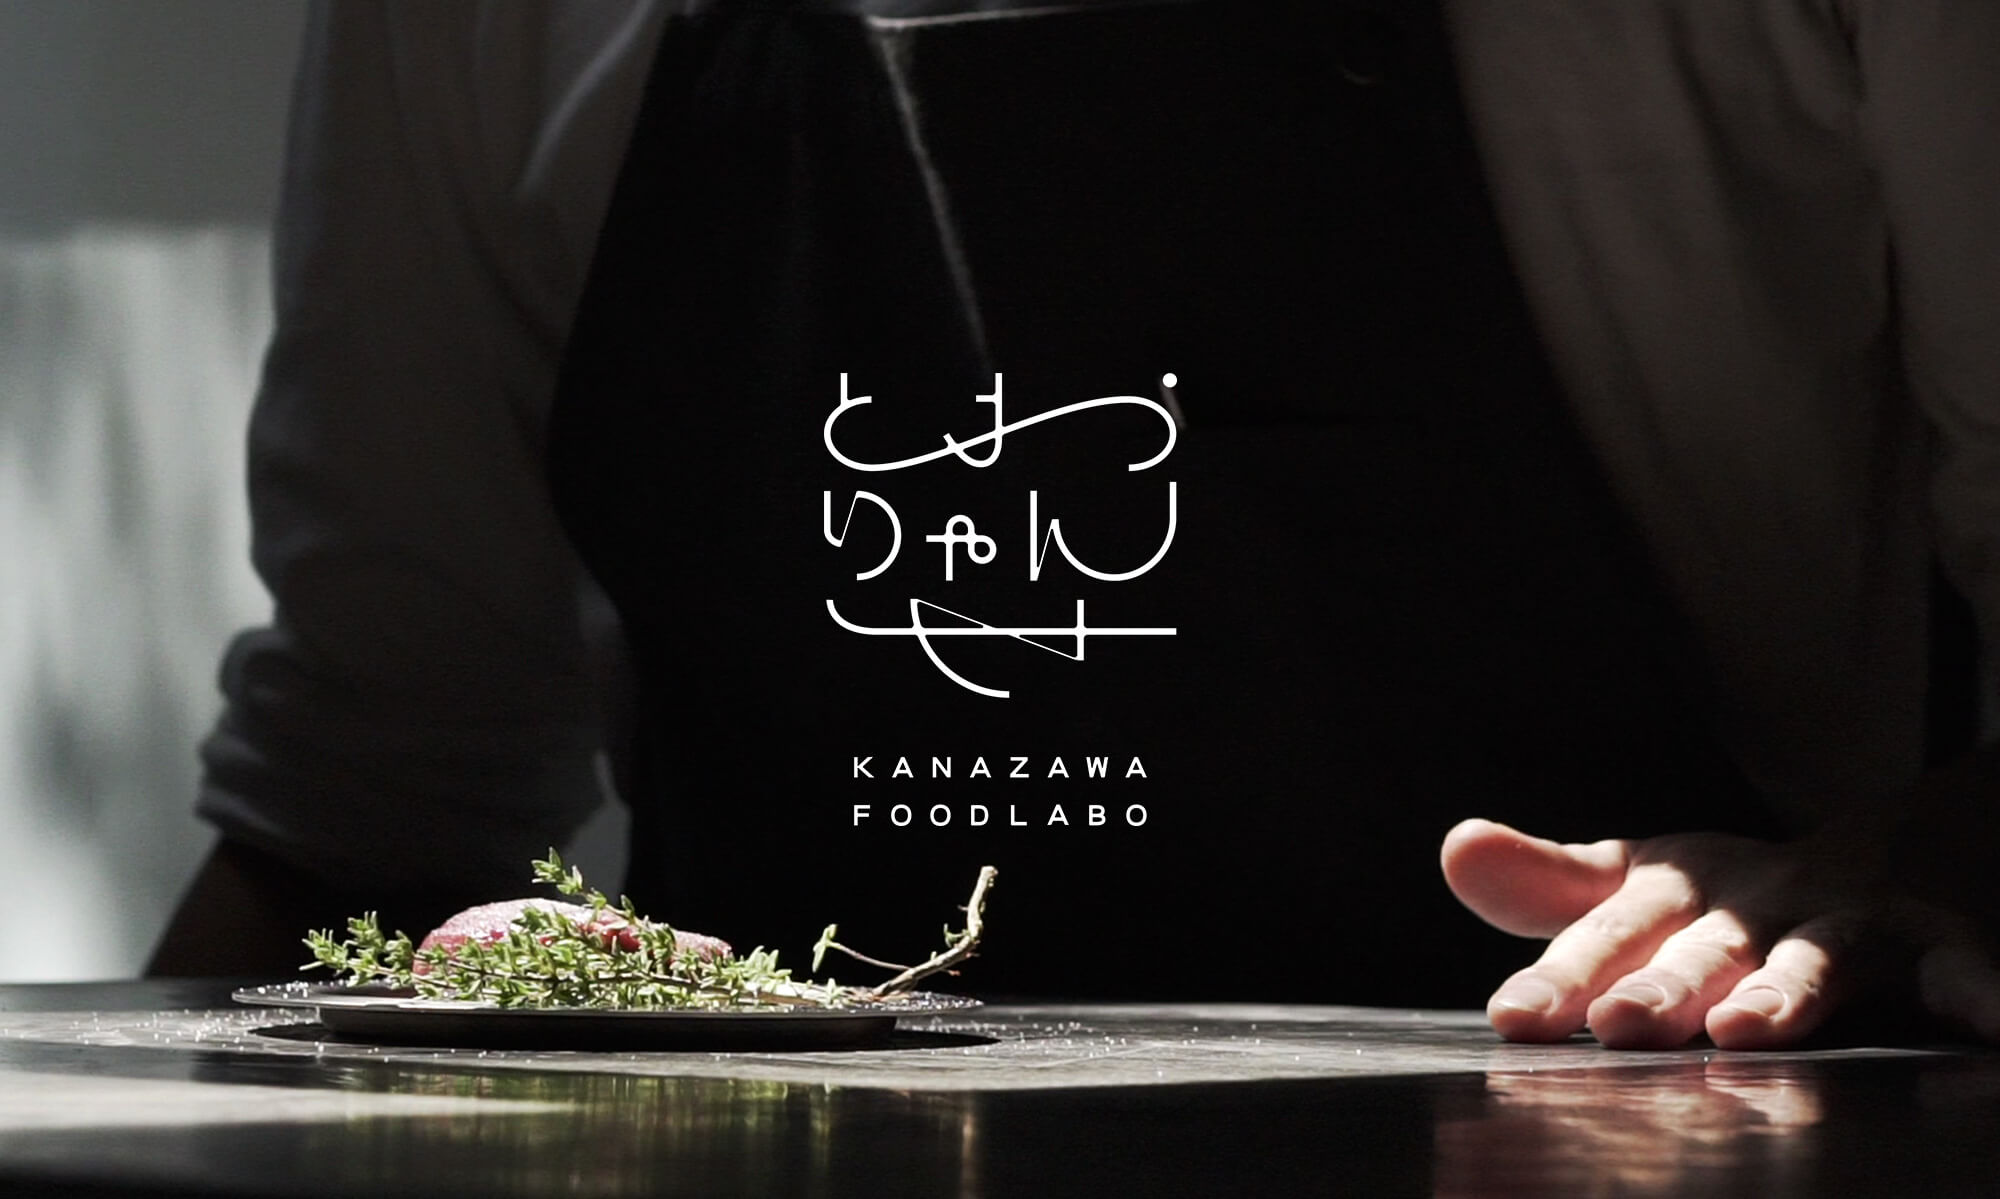 シャレオツグルメ横丁『 とおりゃんせ KANAZAWA FOOD LABO 」が遂にオープン !!